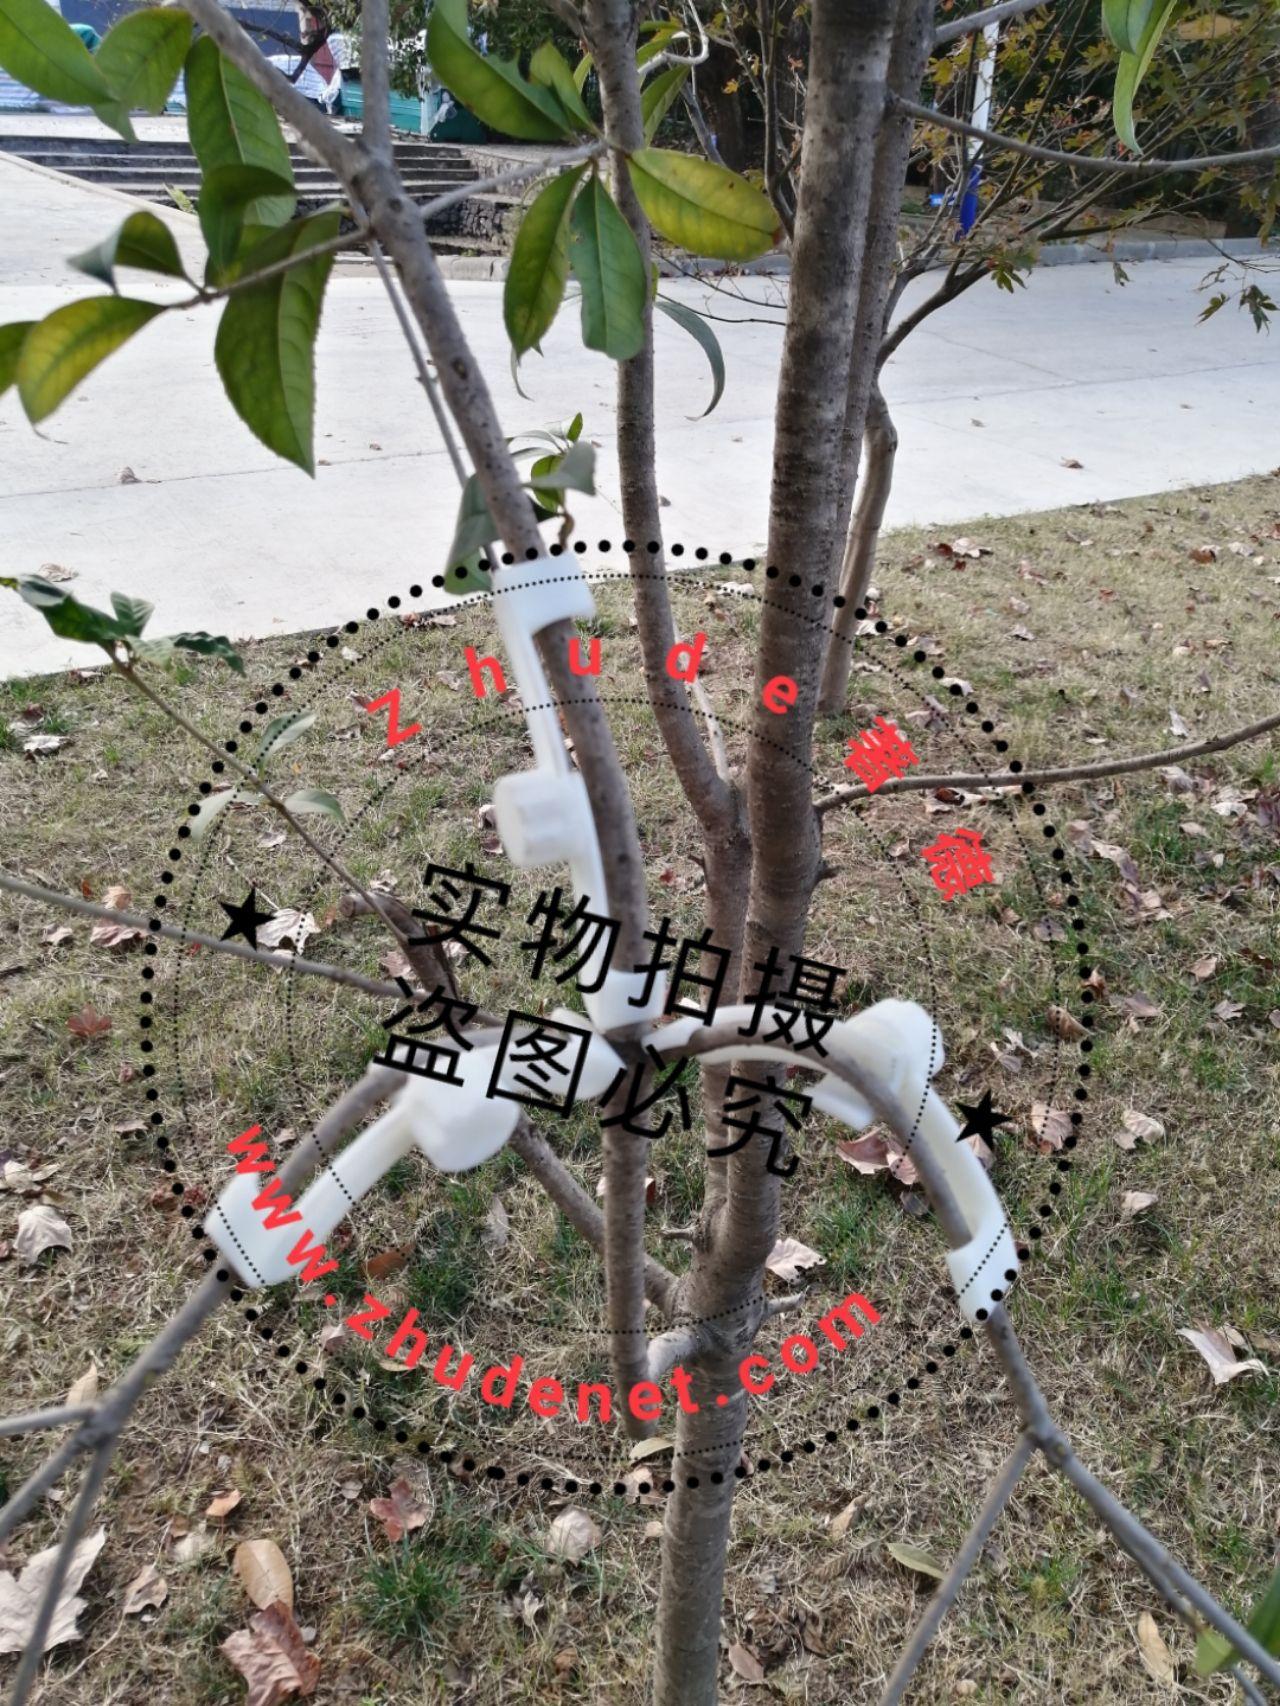 果树枝条压角器易定形抽枝器 厂家全国招代理